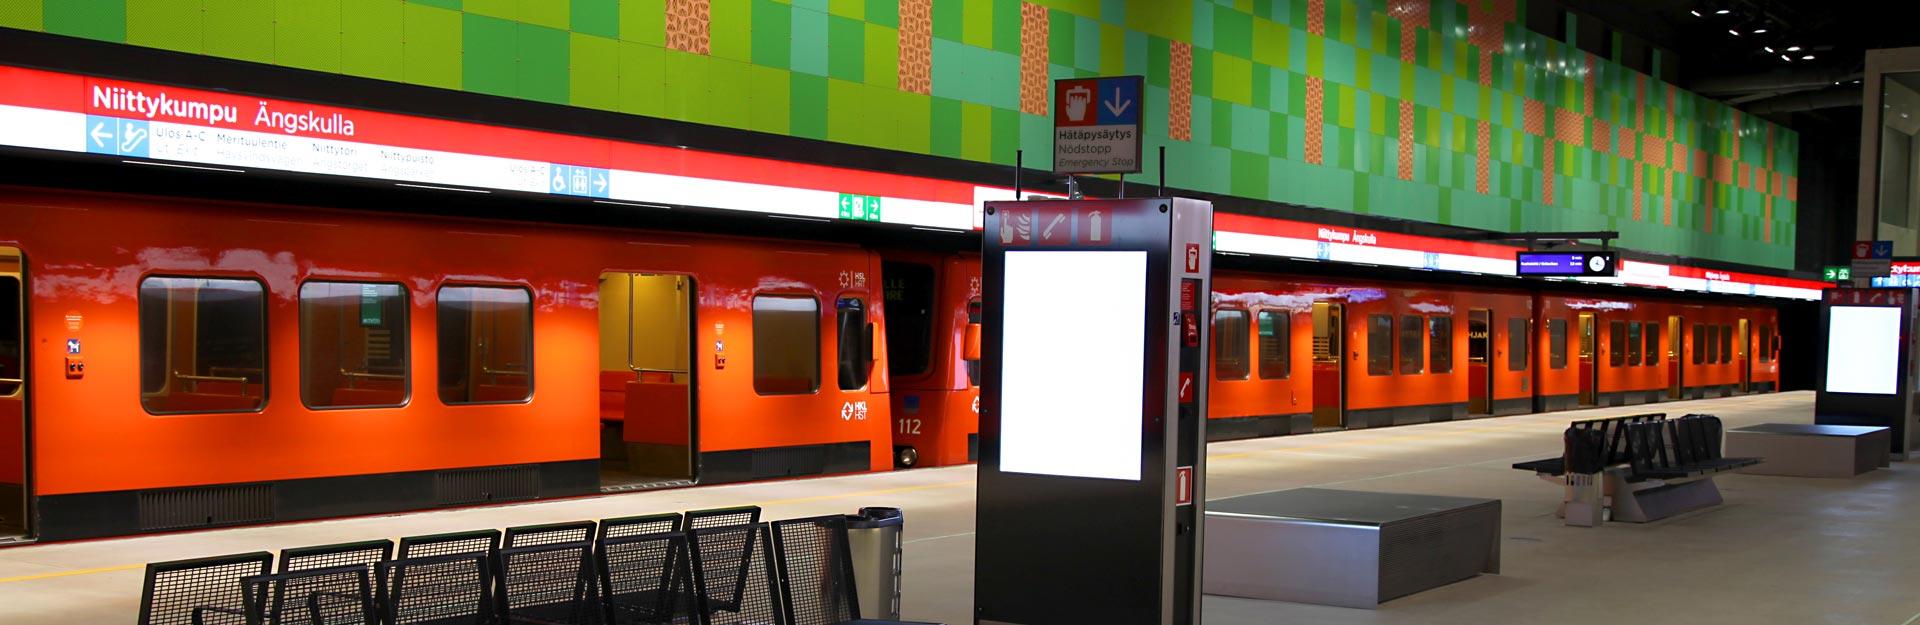 En tunnelbana vid Ängskullas metrostation.